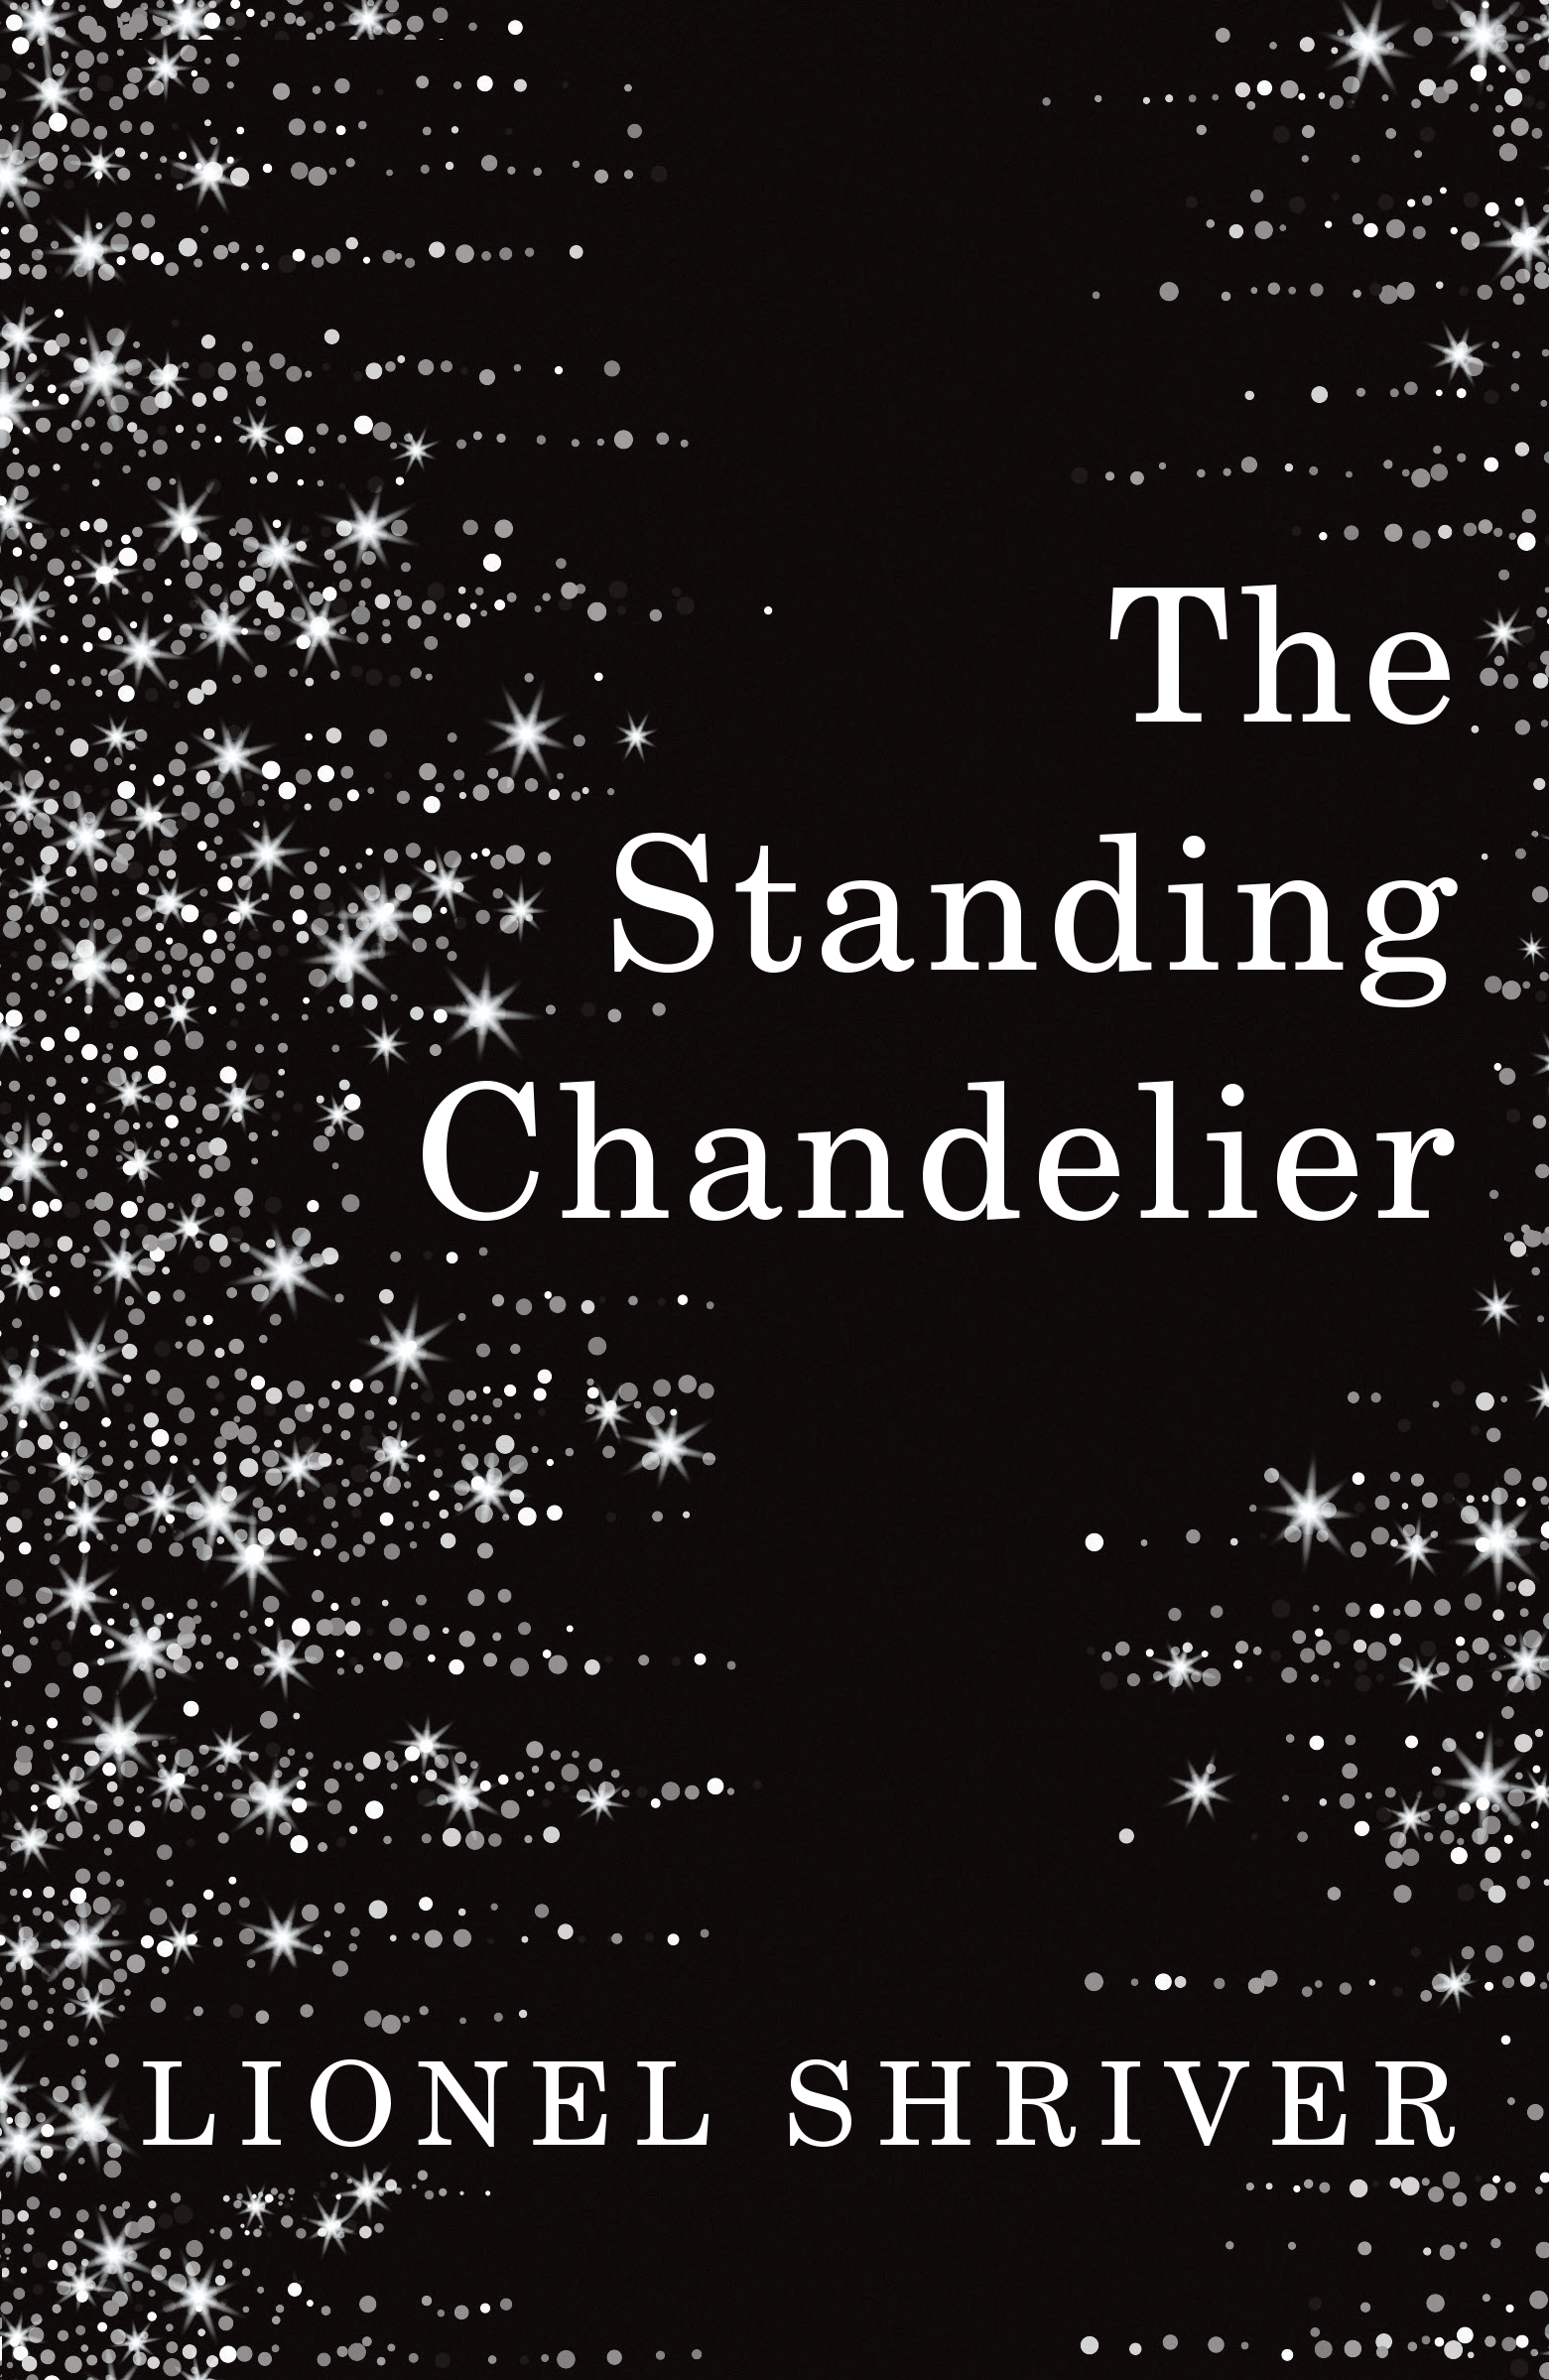 StandingChandelier HB cover.jpg